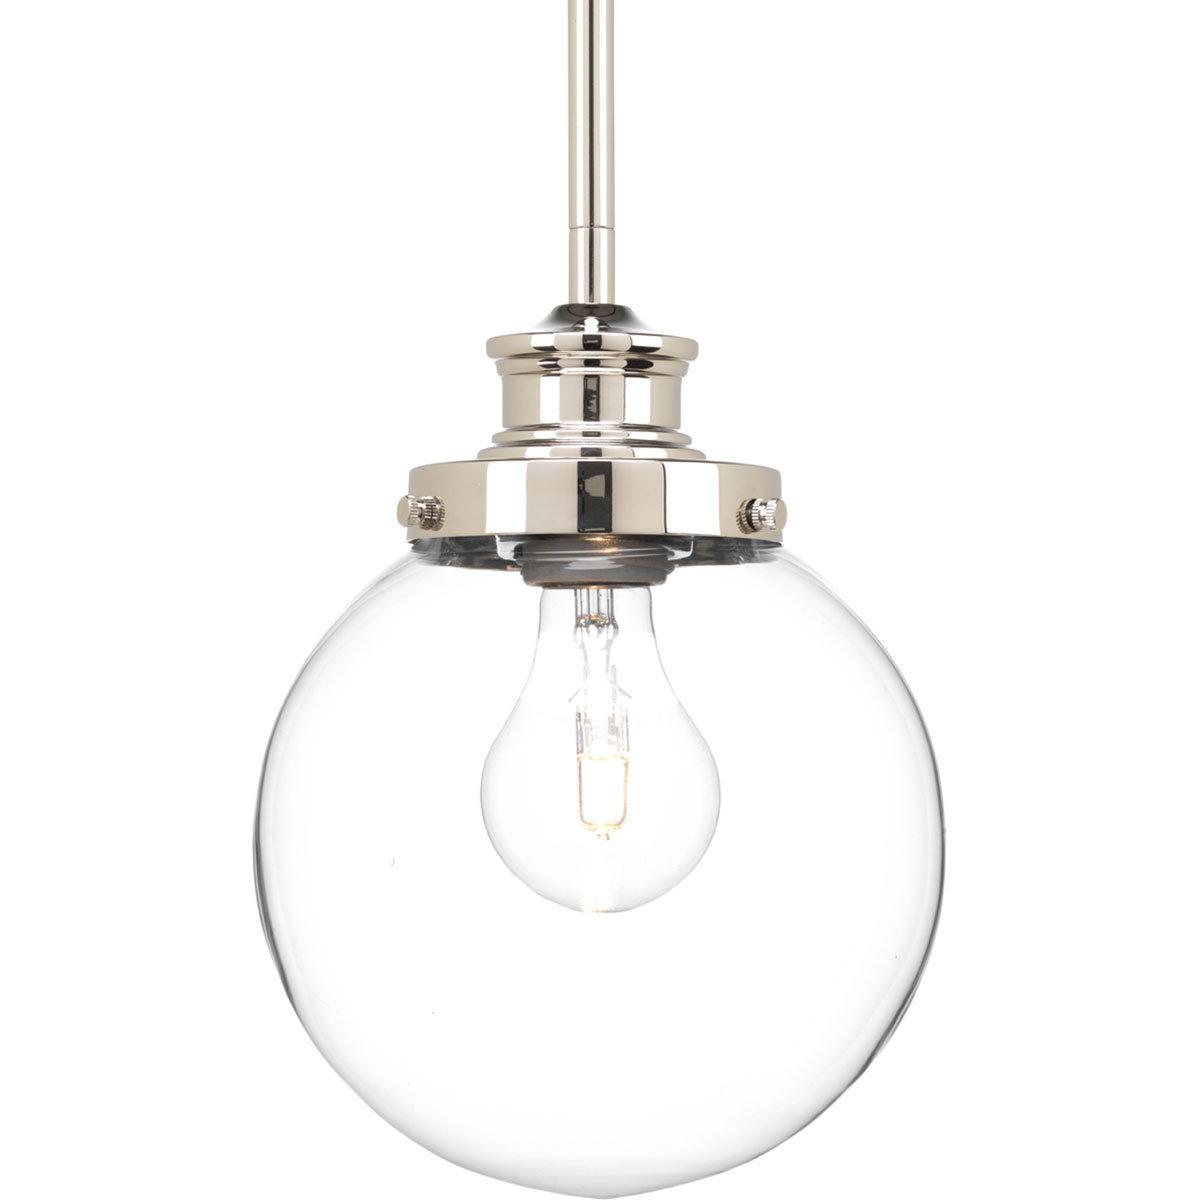 Bautista 1 Light Single Globe Pendants Within 2020 Cayden 1 Light Single Globe Pendant (View 9 of 20)